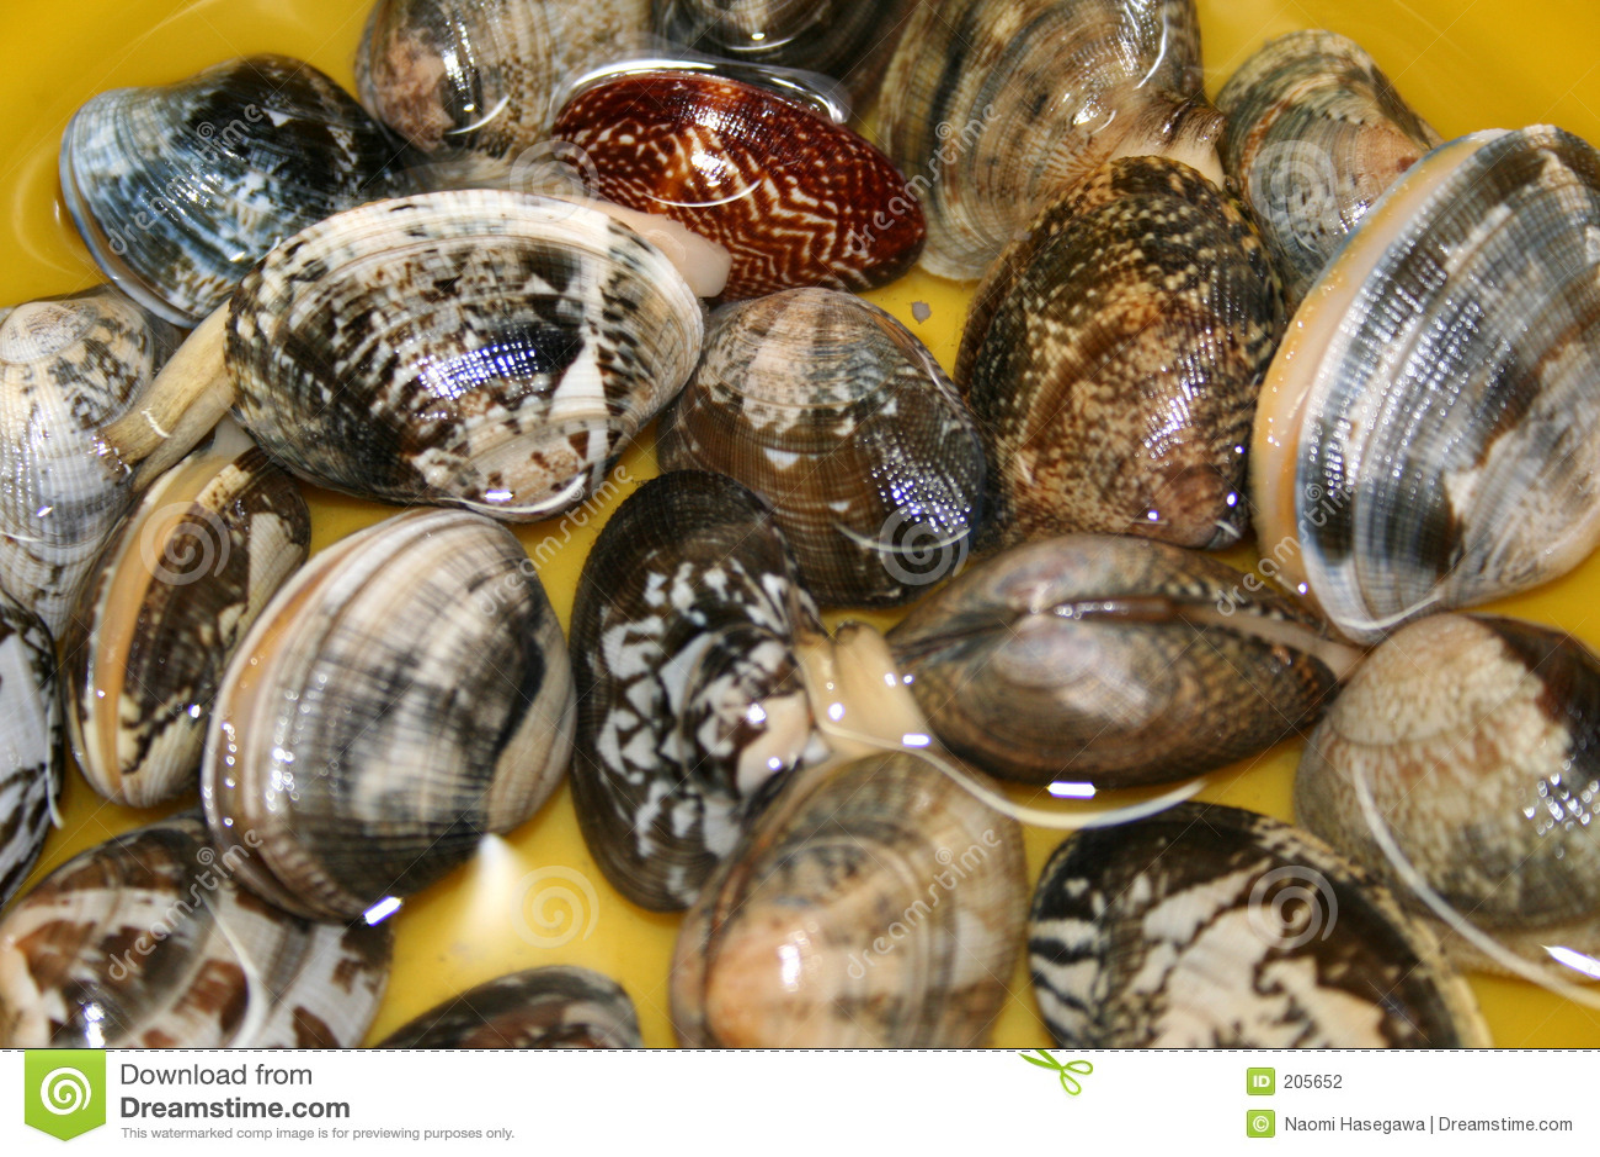 Mollusco a collo corto